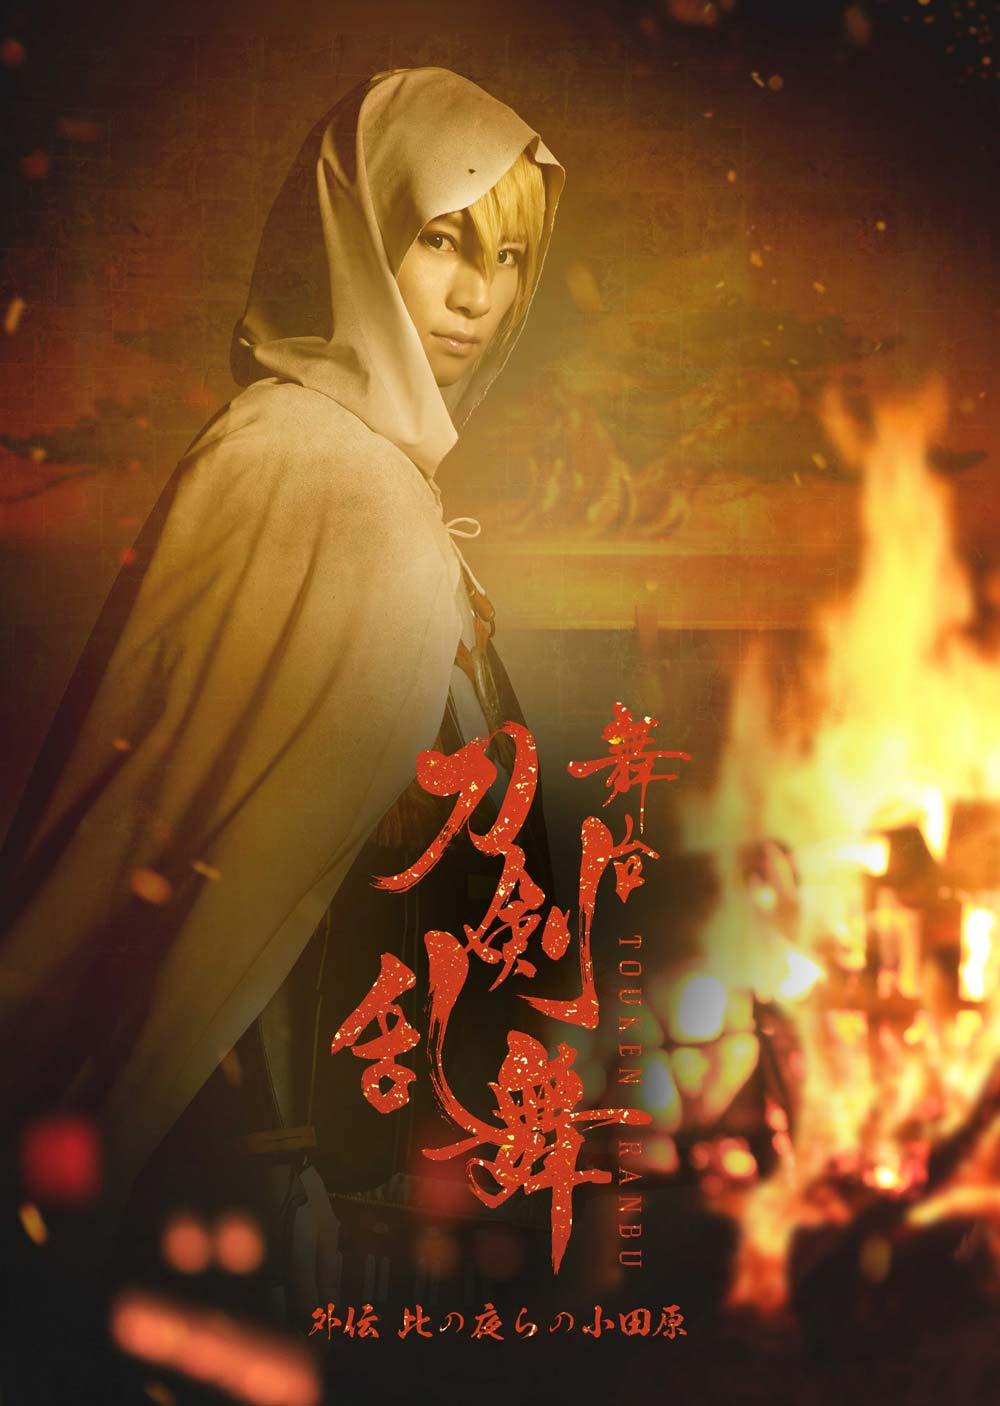 【Web予約分】舞台『刀剣乱舞』外伝 此の夜らの小田原 Blu-ray